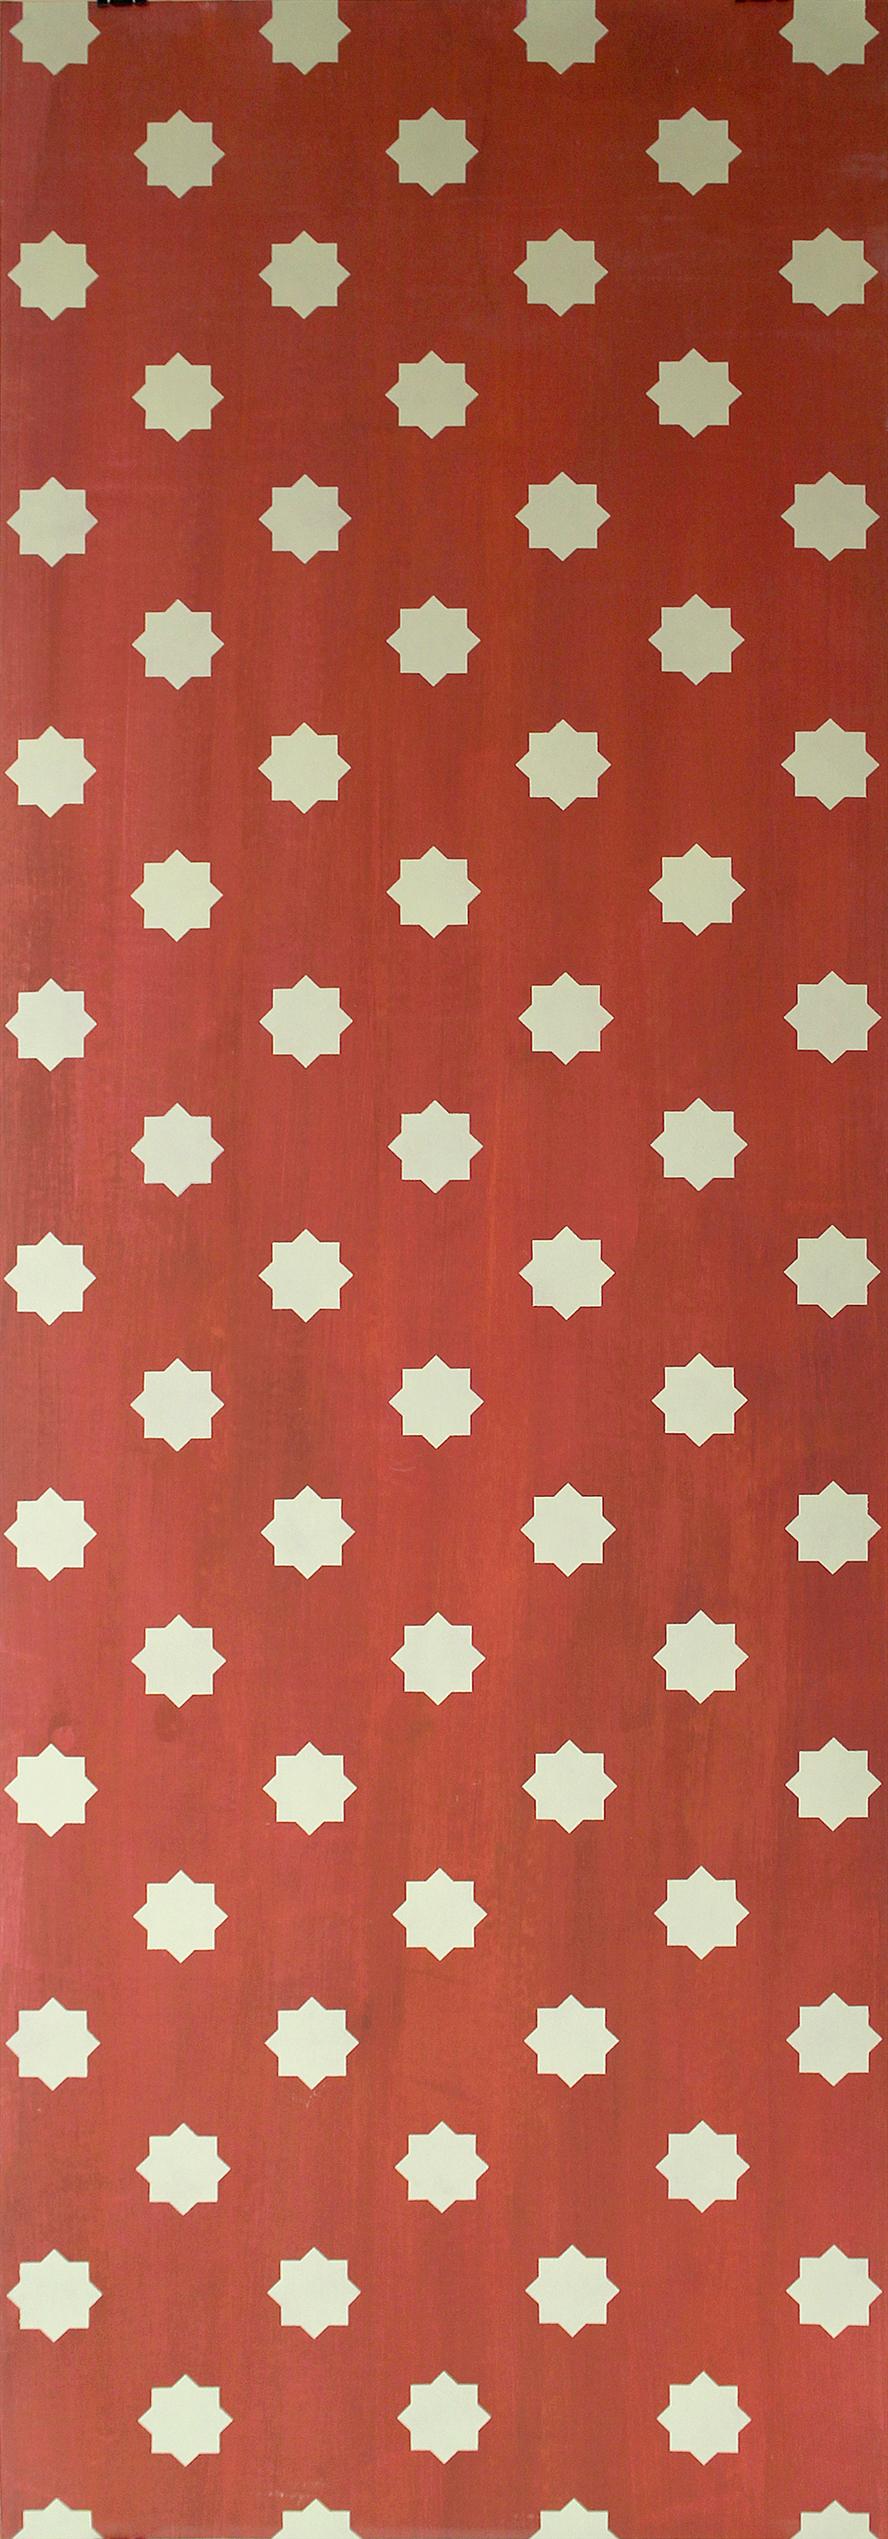 Willumsen og Alhambramønstret 27. Original håndtrykt på kraftig nonwoven tapetpapir med kompositionsfarver. Prisen pr løbende meter er 400,-